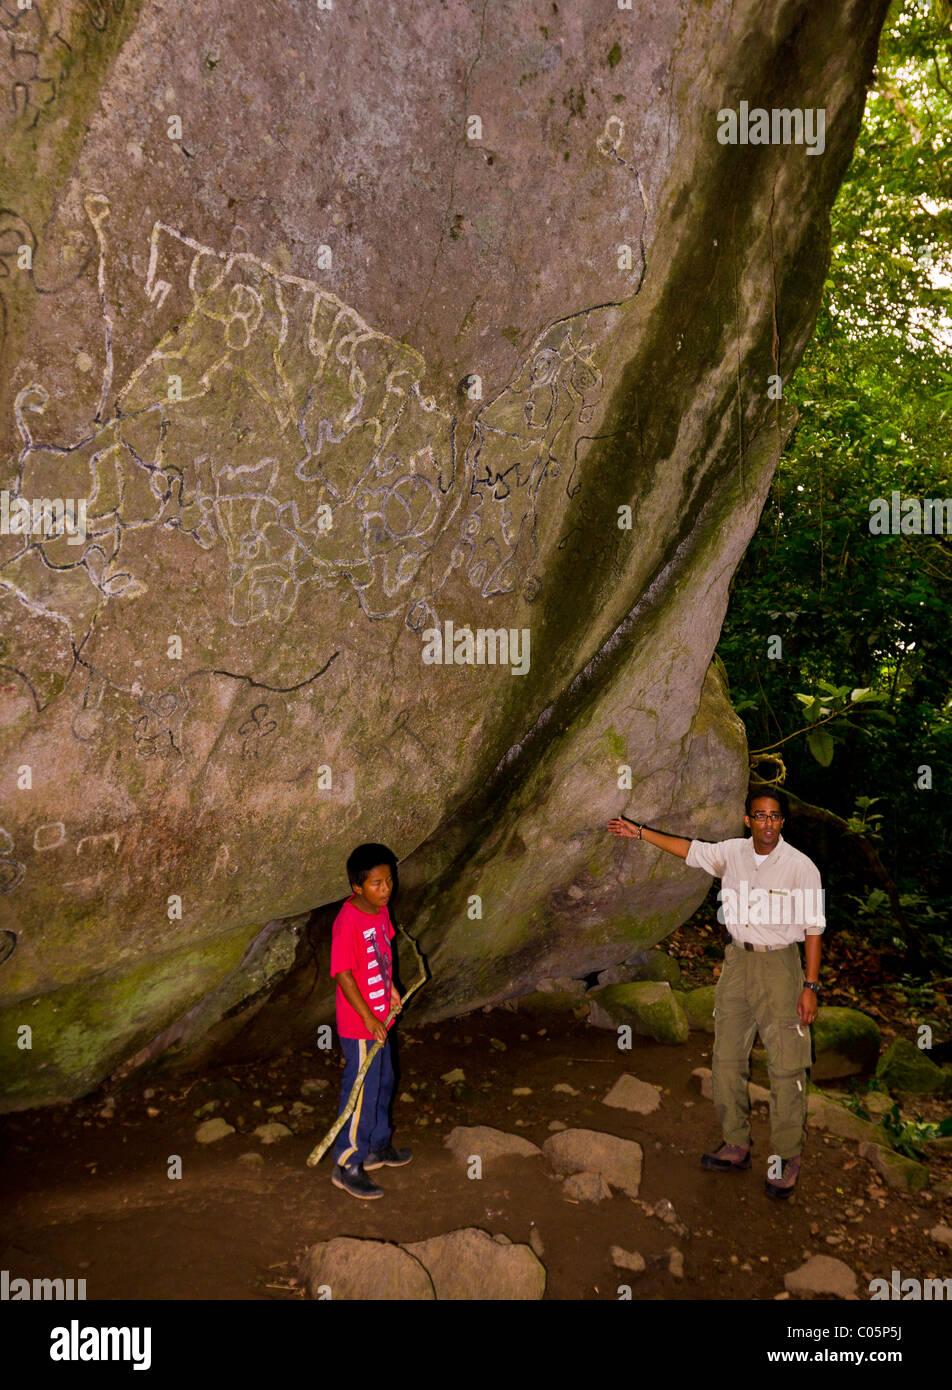 EL VALLE de ANTON, PANAMA - Indigenous rock art and tour guides, at the Sendero de la Piedra Pintada. - Stock Image